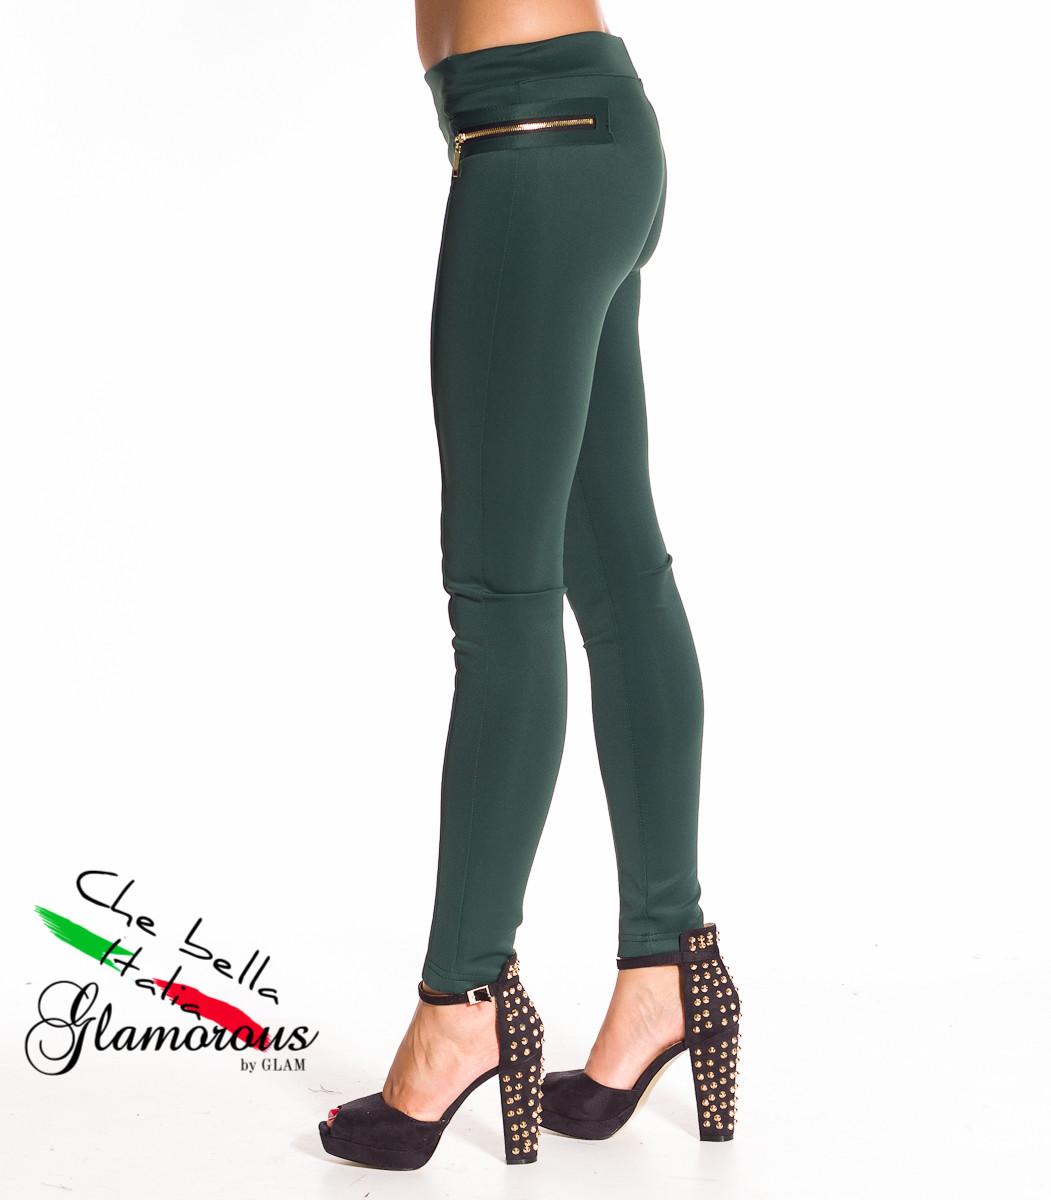 e45ef27658c Dámské legíny se zlatým zipem - zelená - Glamorous by Glam - Legíny ...